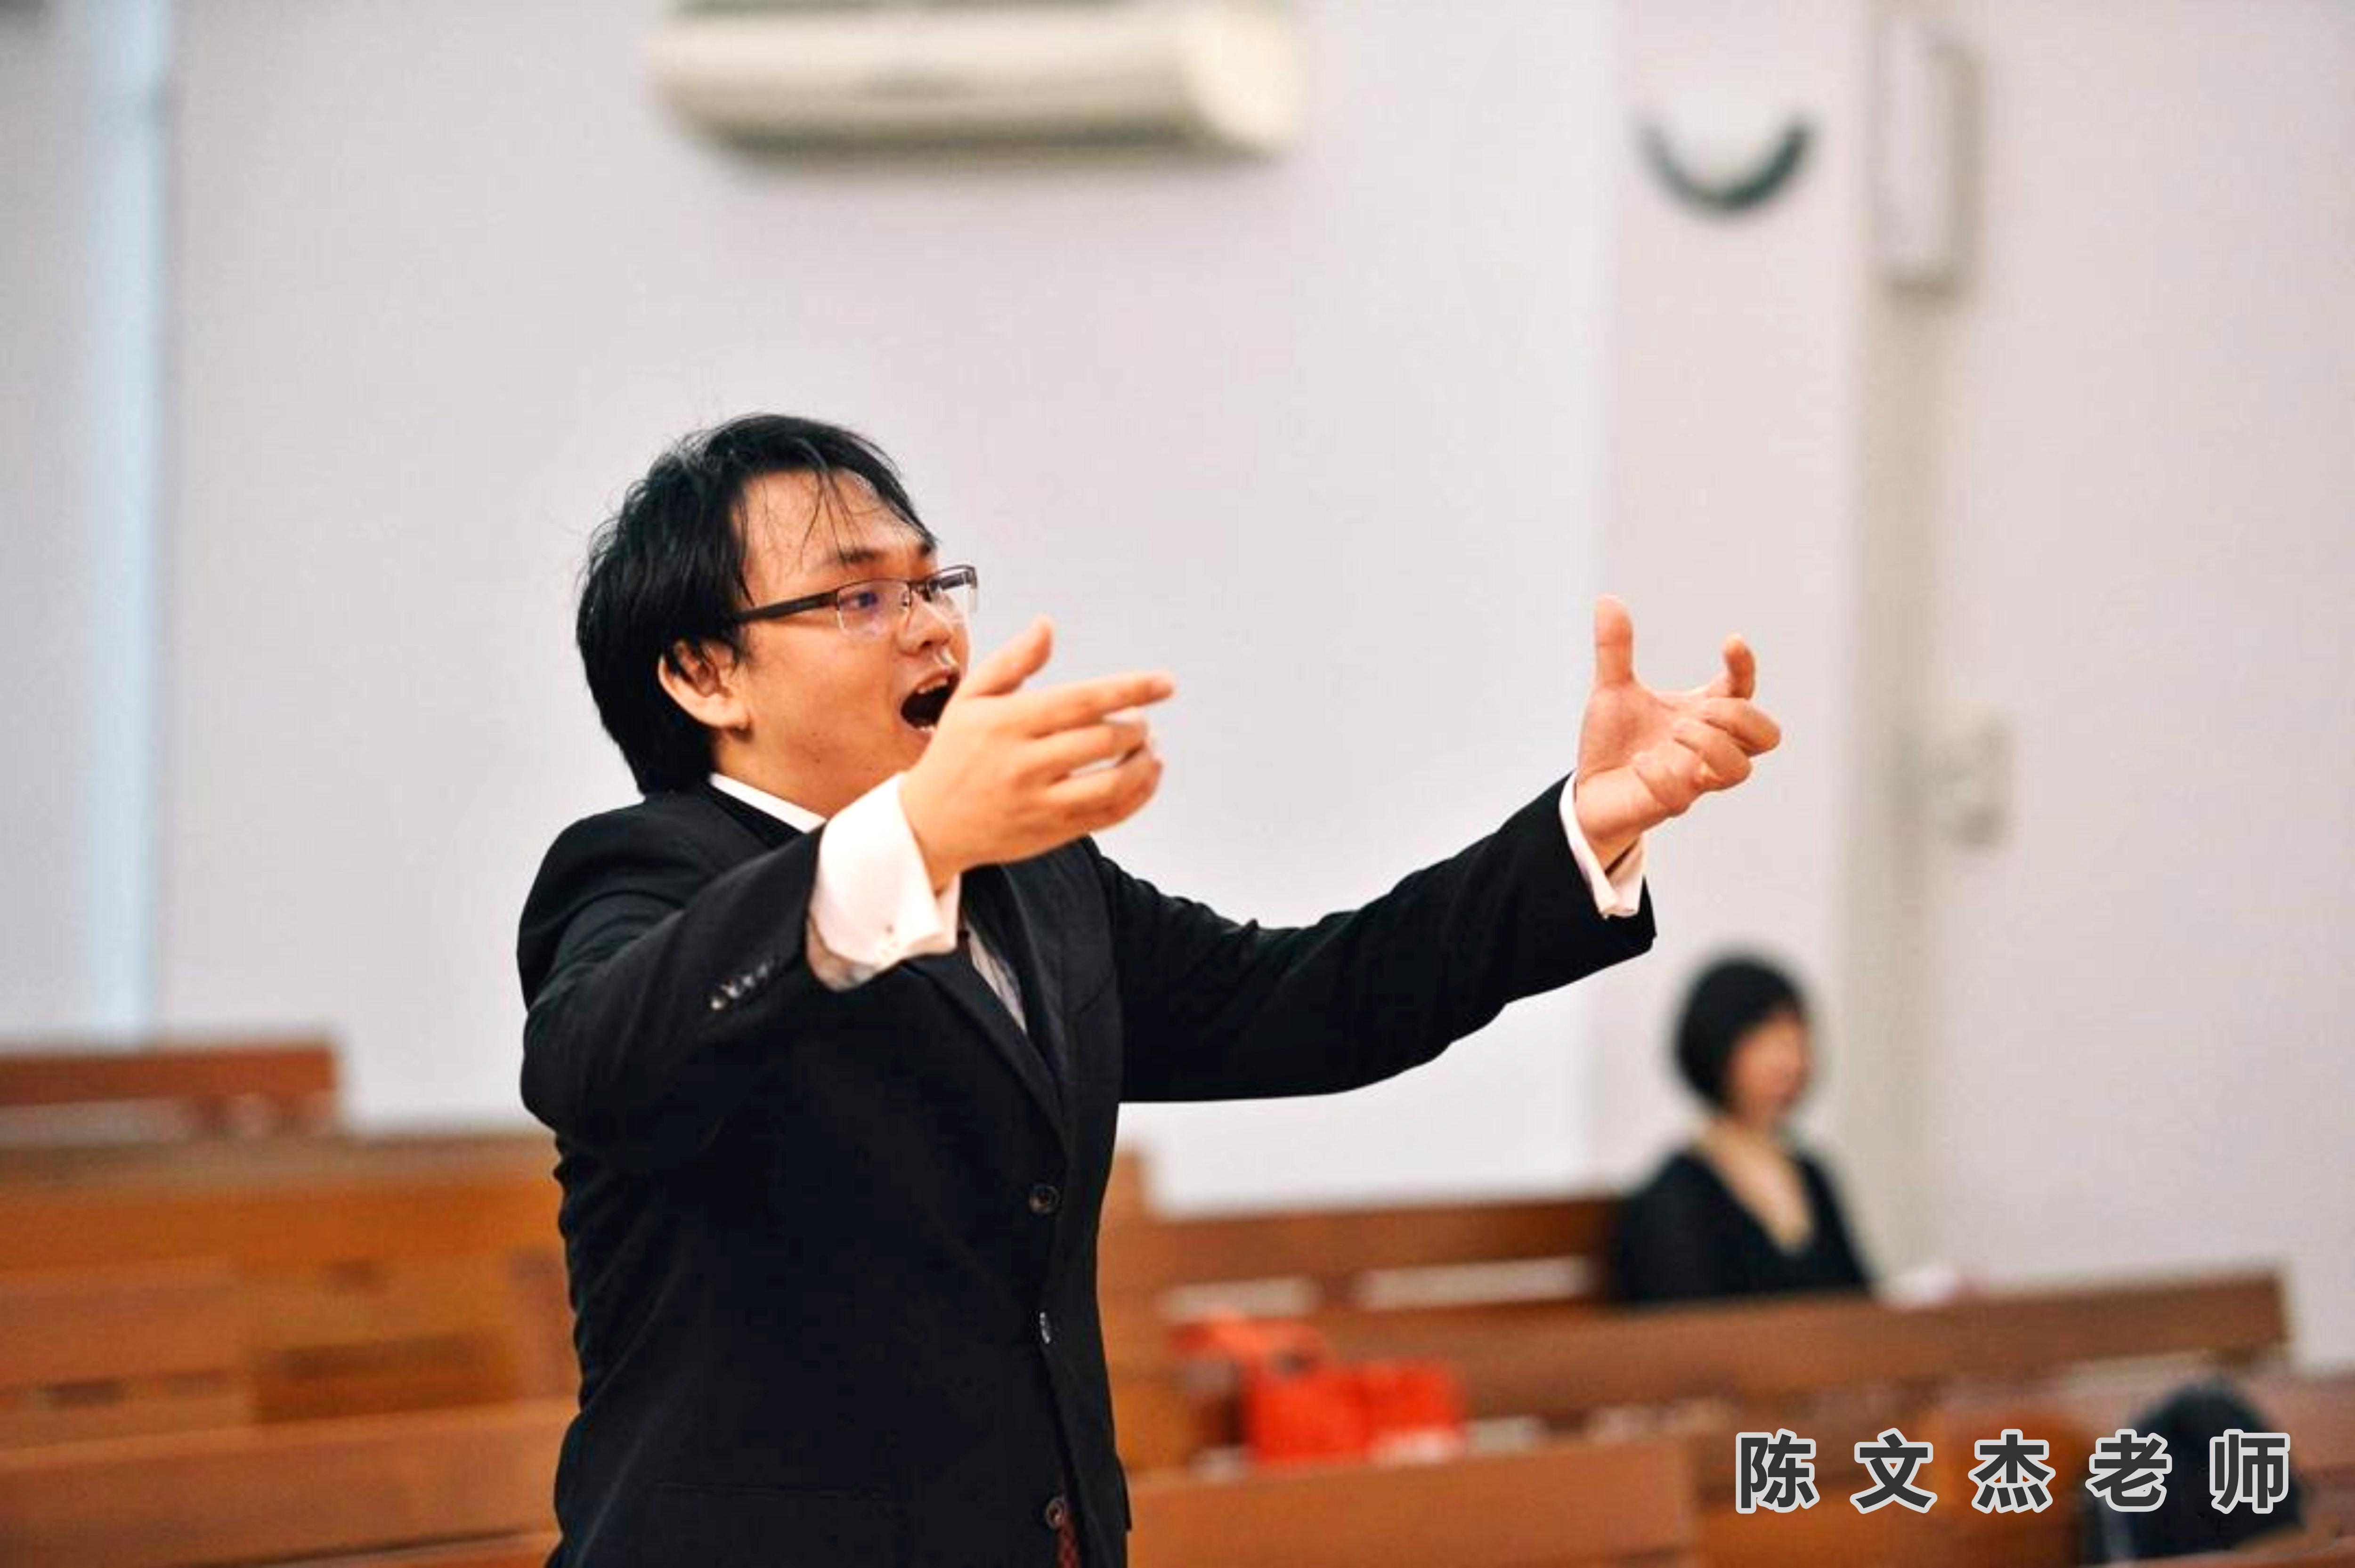 陈文杰老师 Vun Chieh A001